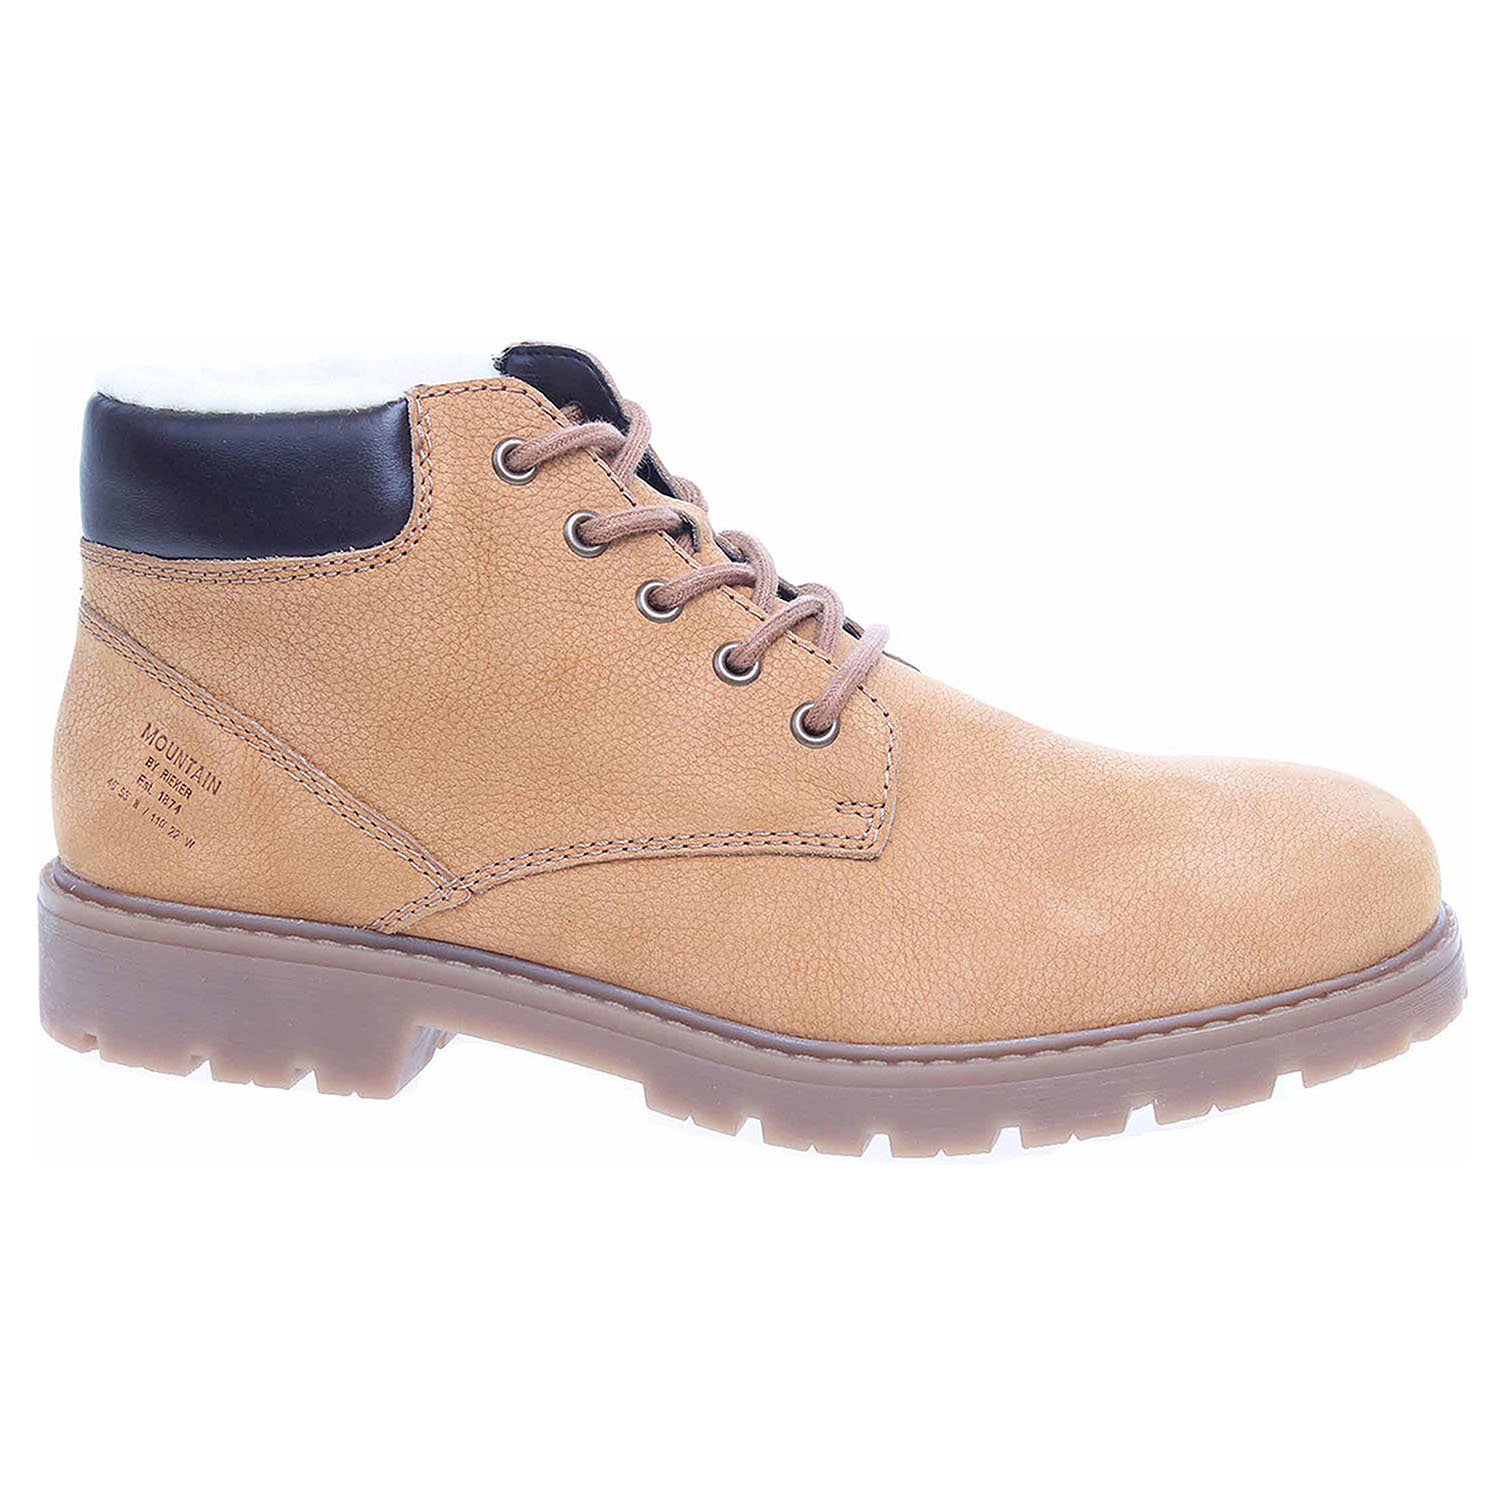 Pánská kotníková obuv Rieker F4020-24 F4020-24 43